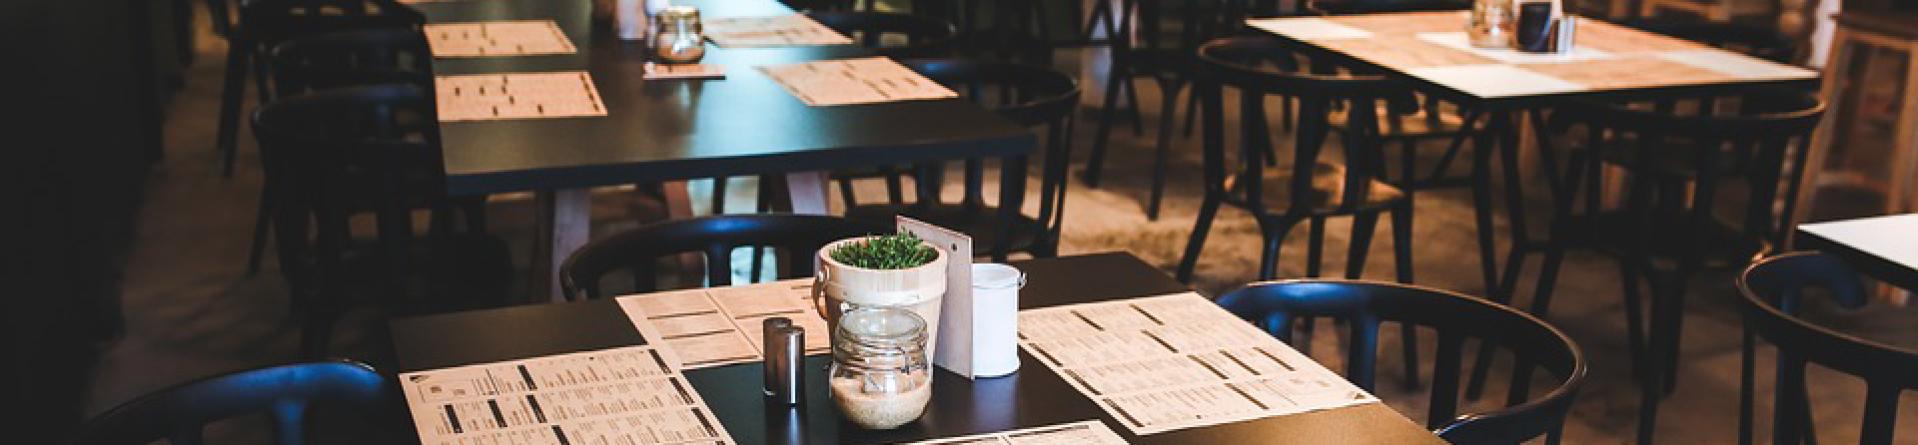 Διοίκηση Εστιατορίου